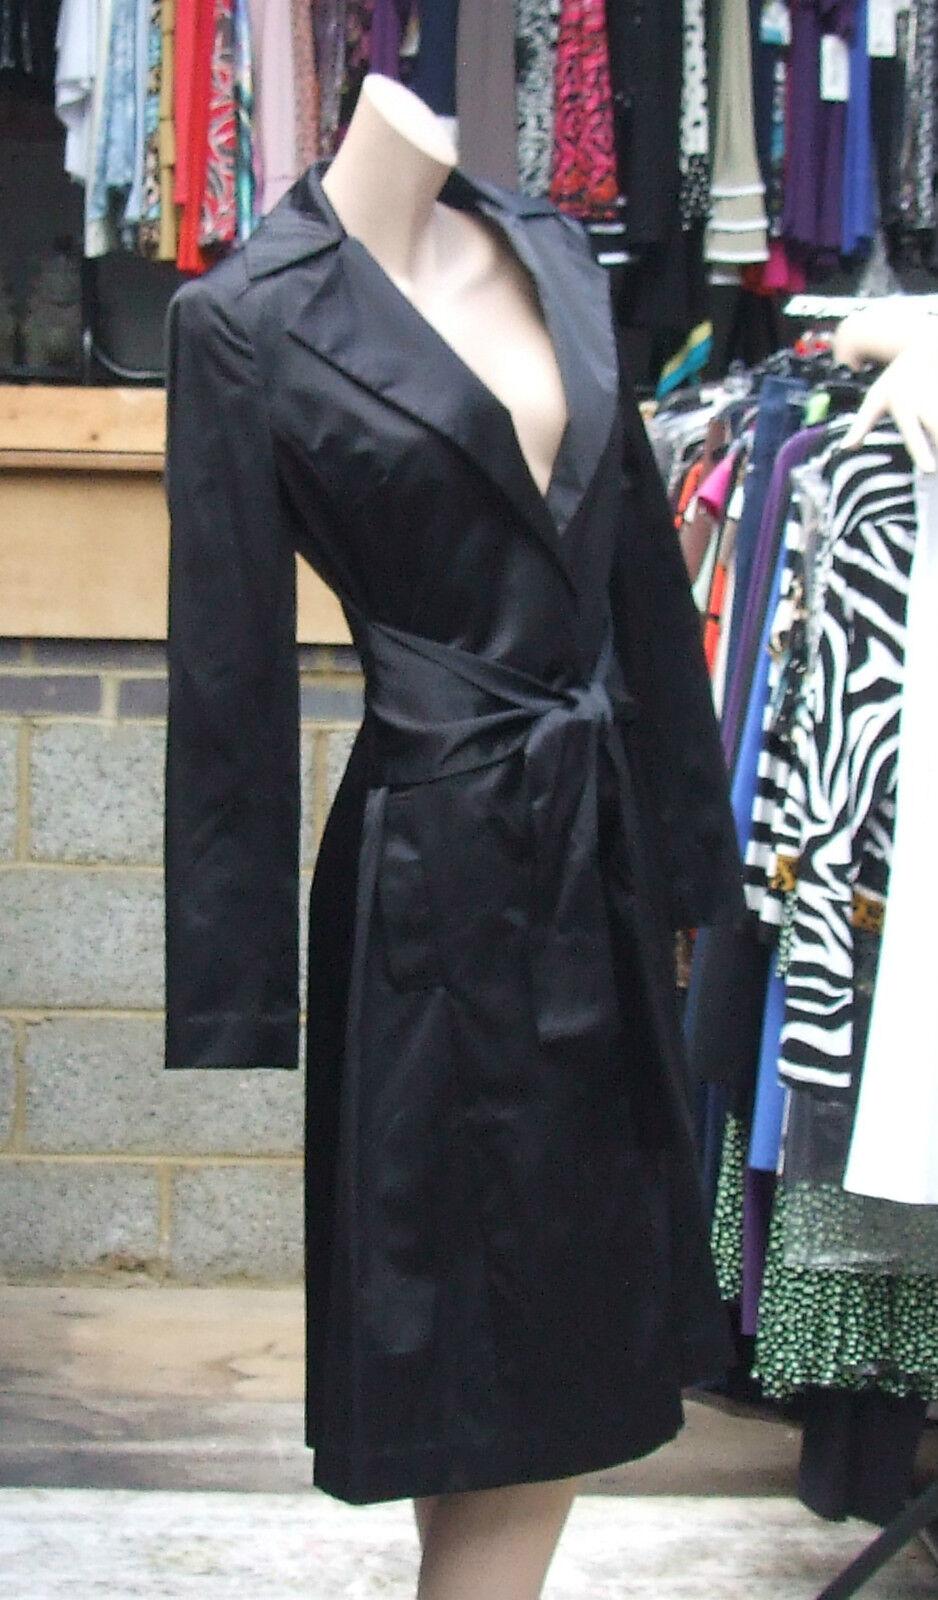 House of cashmere-la plupart superbe satin noir robe-hommeteau dans l'univers  m